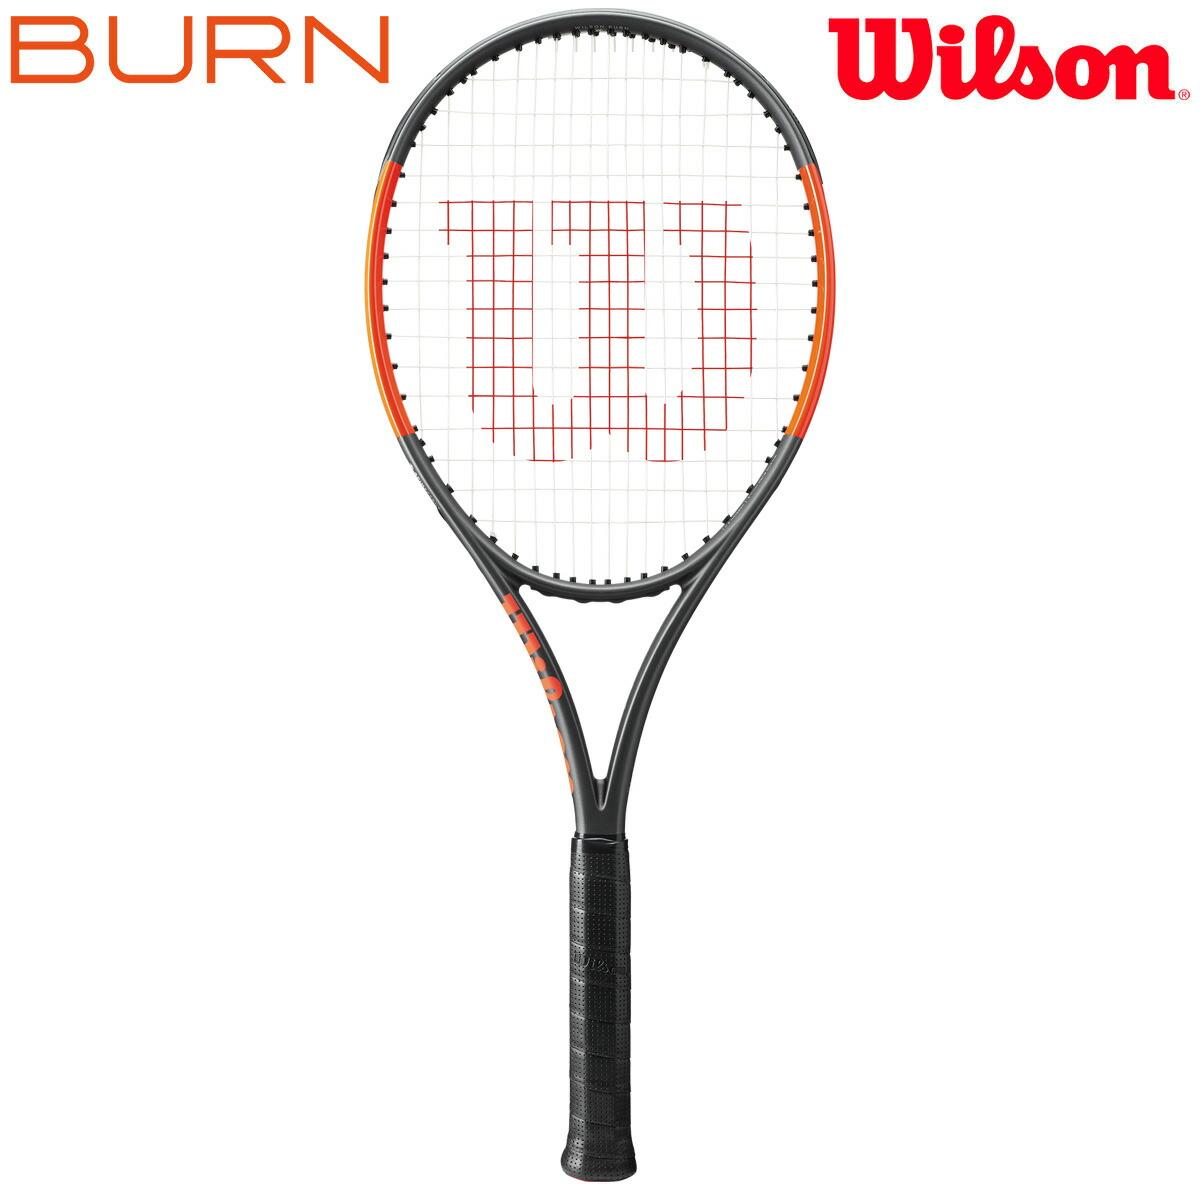 「2017新製品」Wilson(ウイルソン)「BURN 100 ULS(バーン100 ULS) WRT734610」硬式テニスラケット